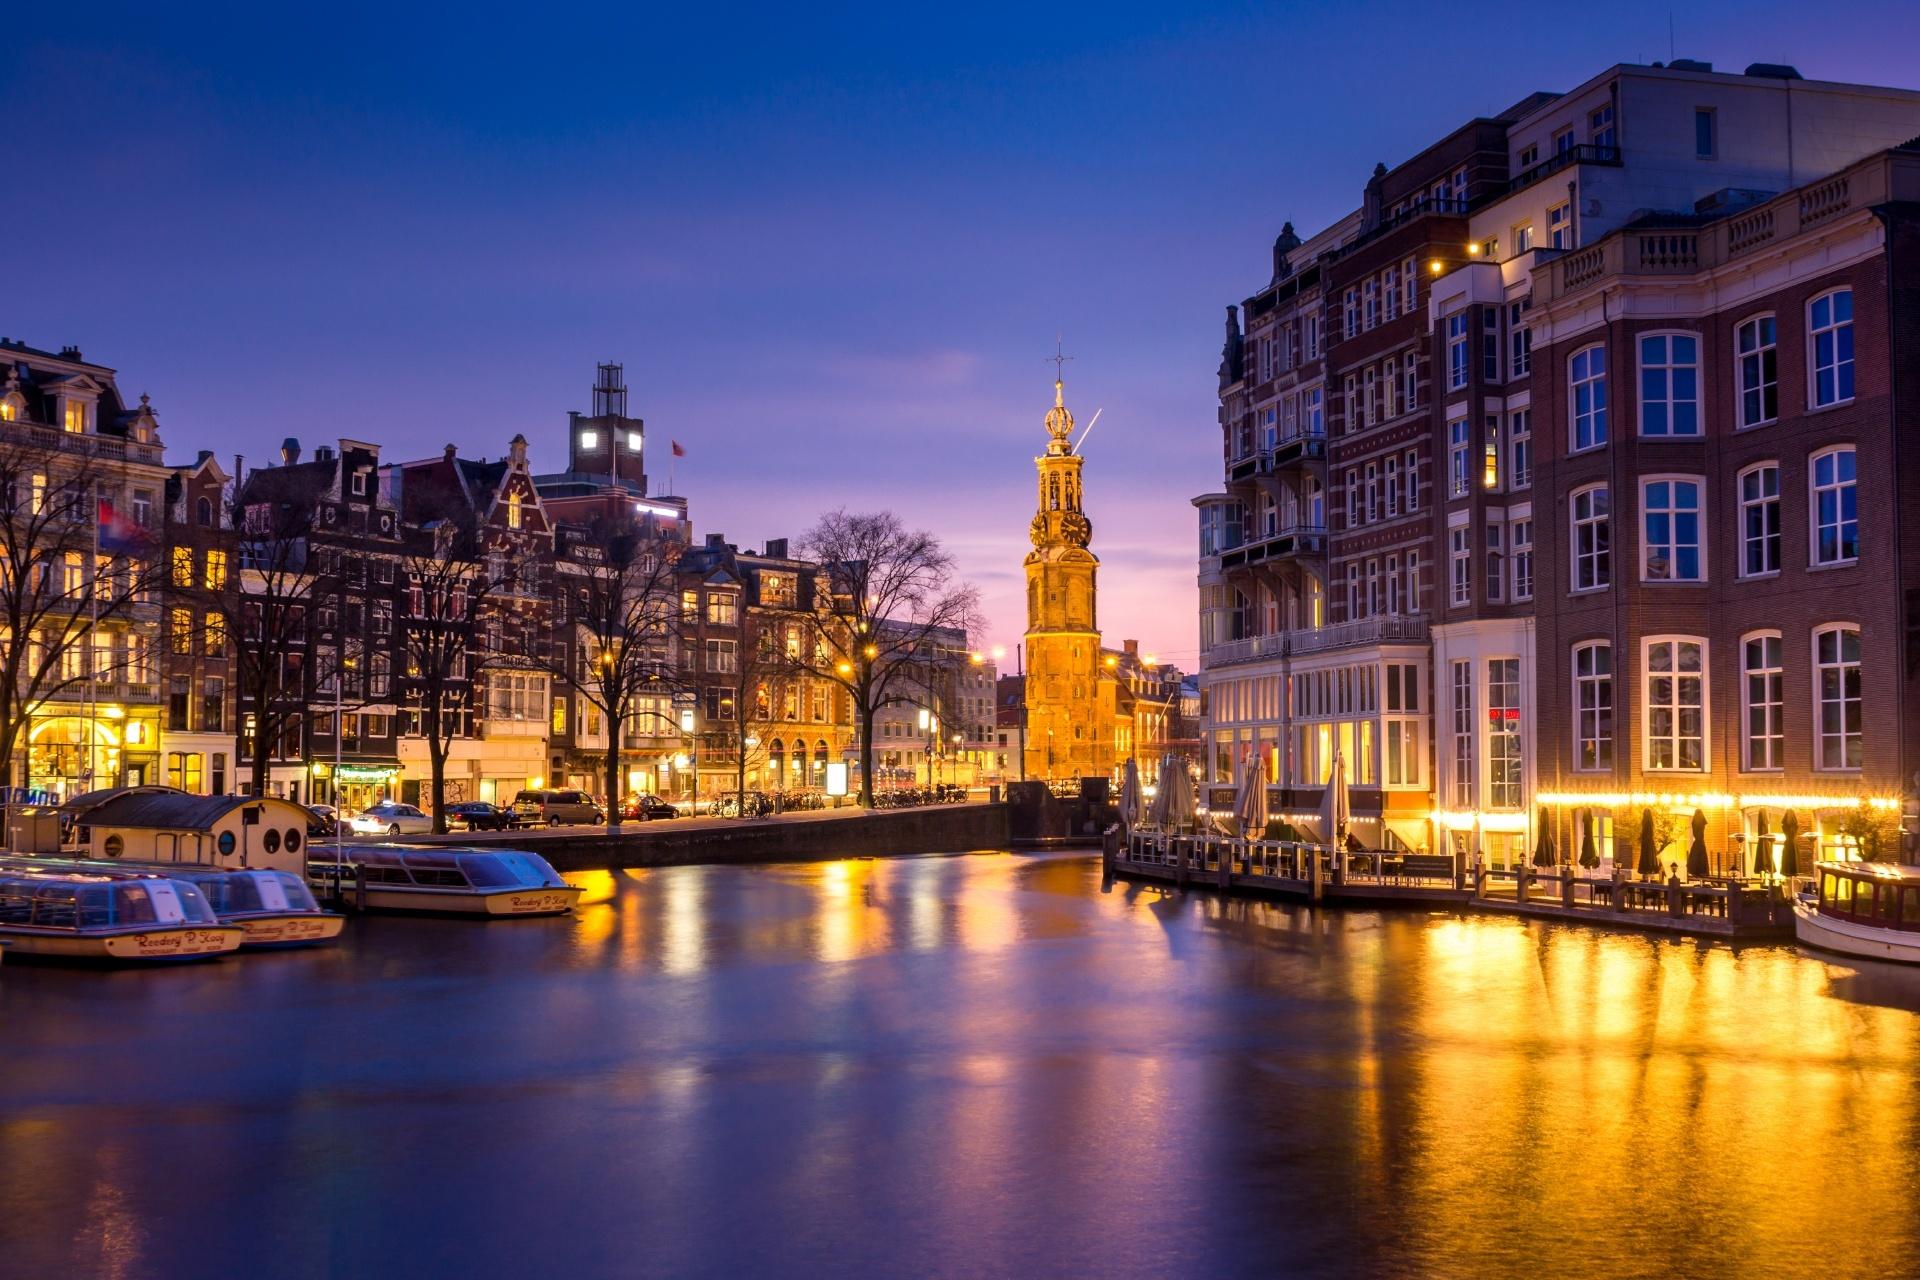 アムステルダムの夜の風景 オランダの風景